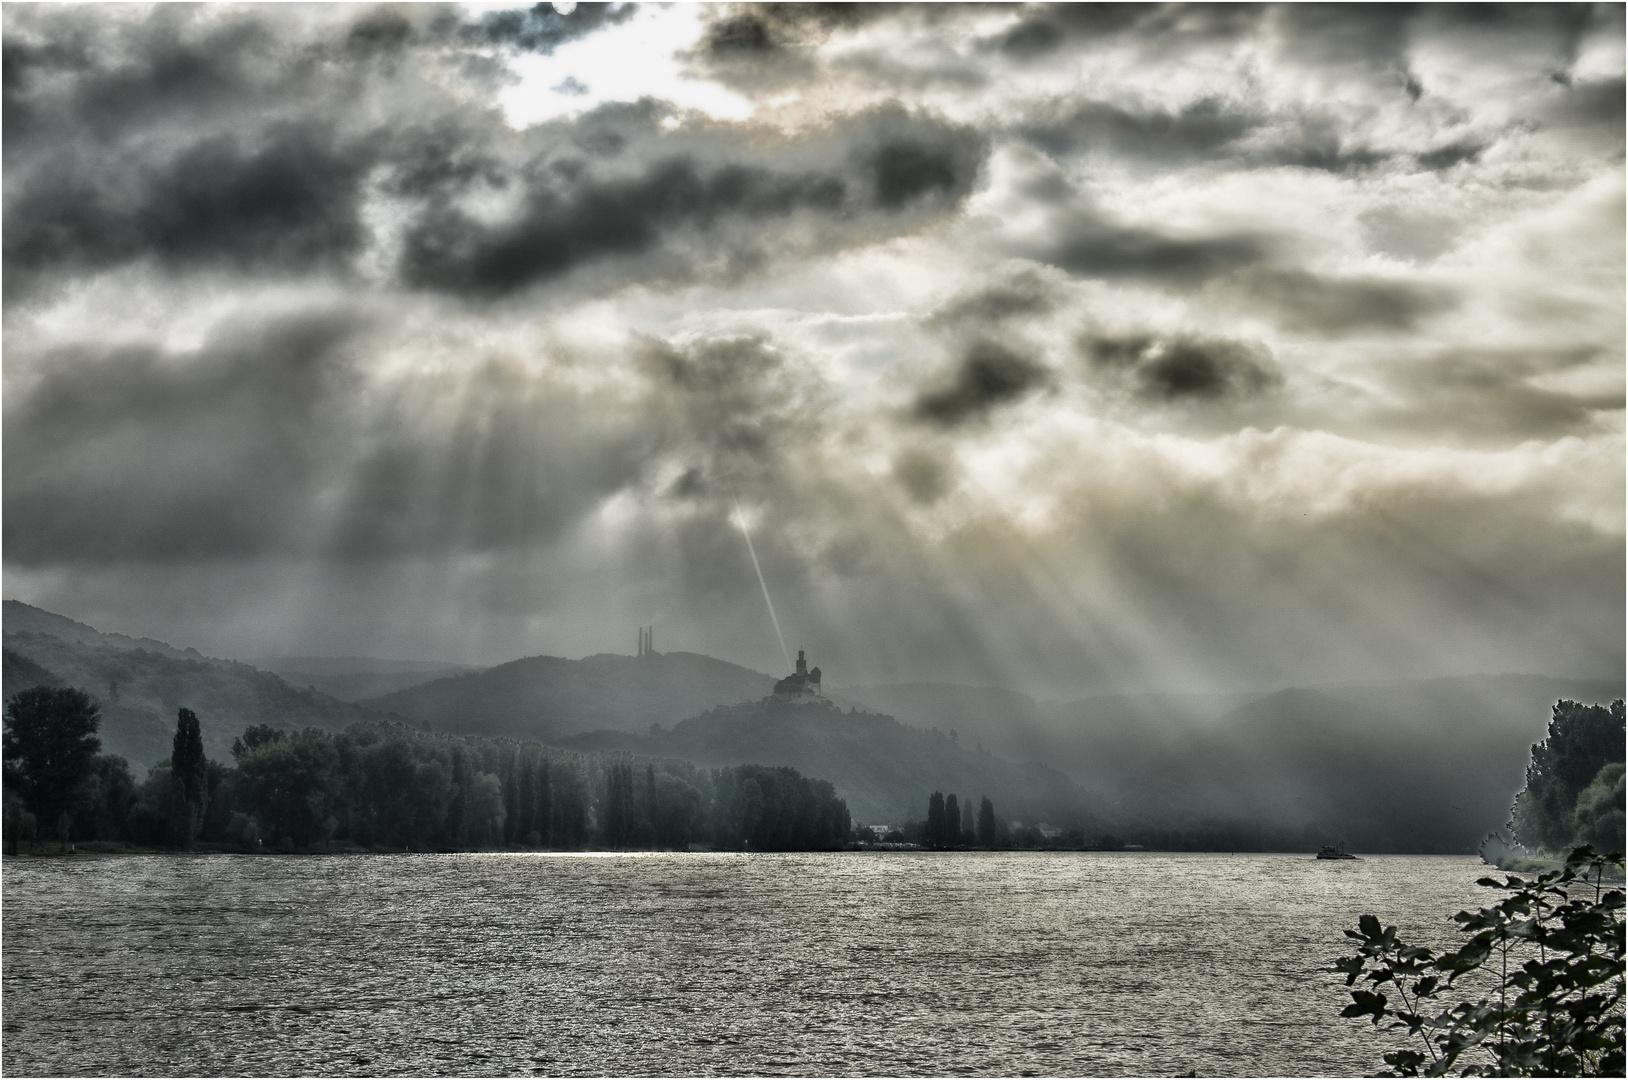 Dramatik um die Marksburg am Rhein